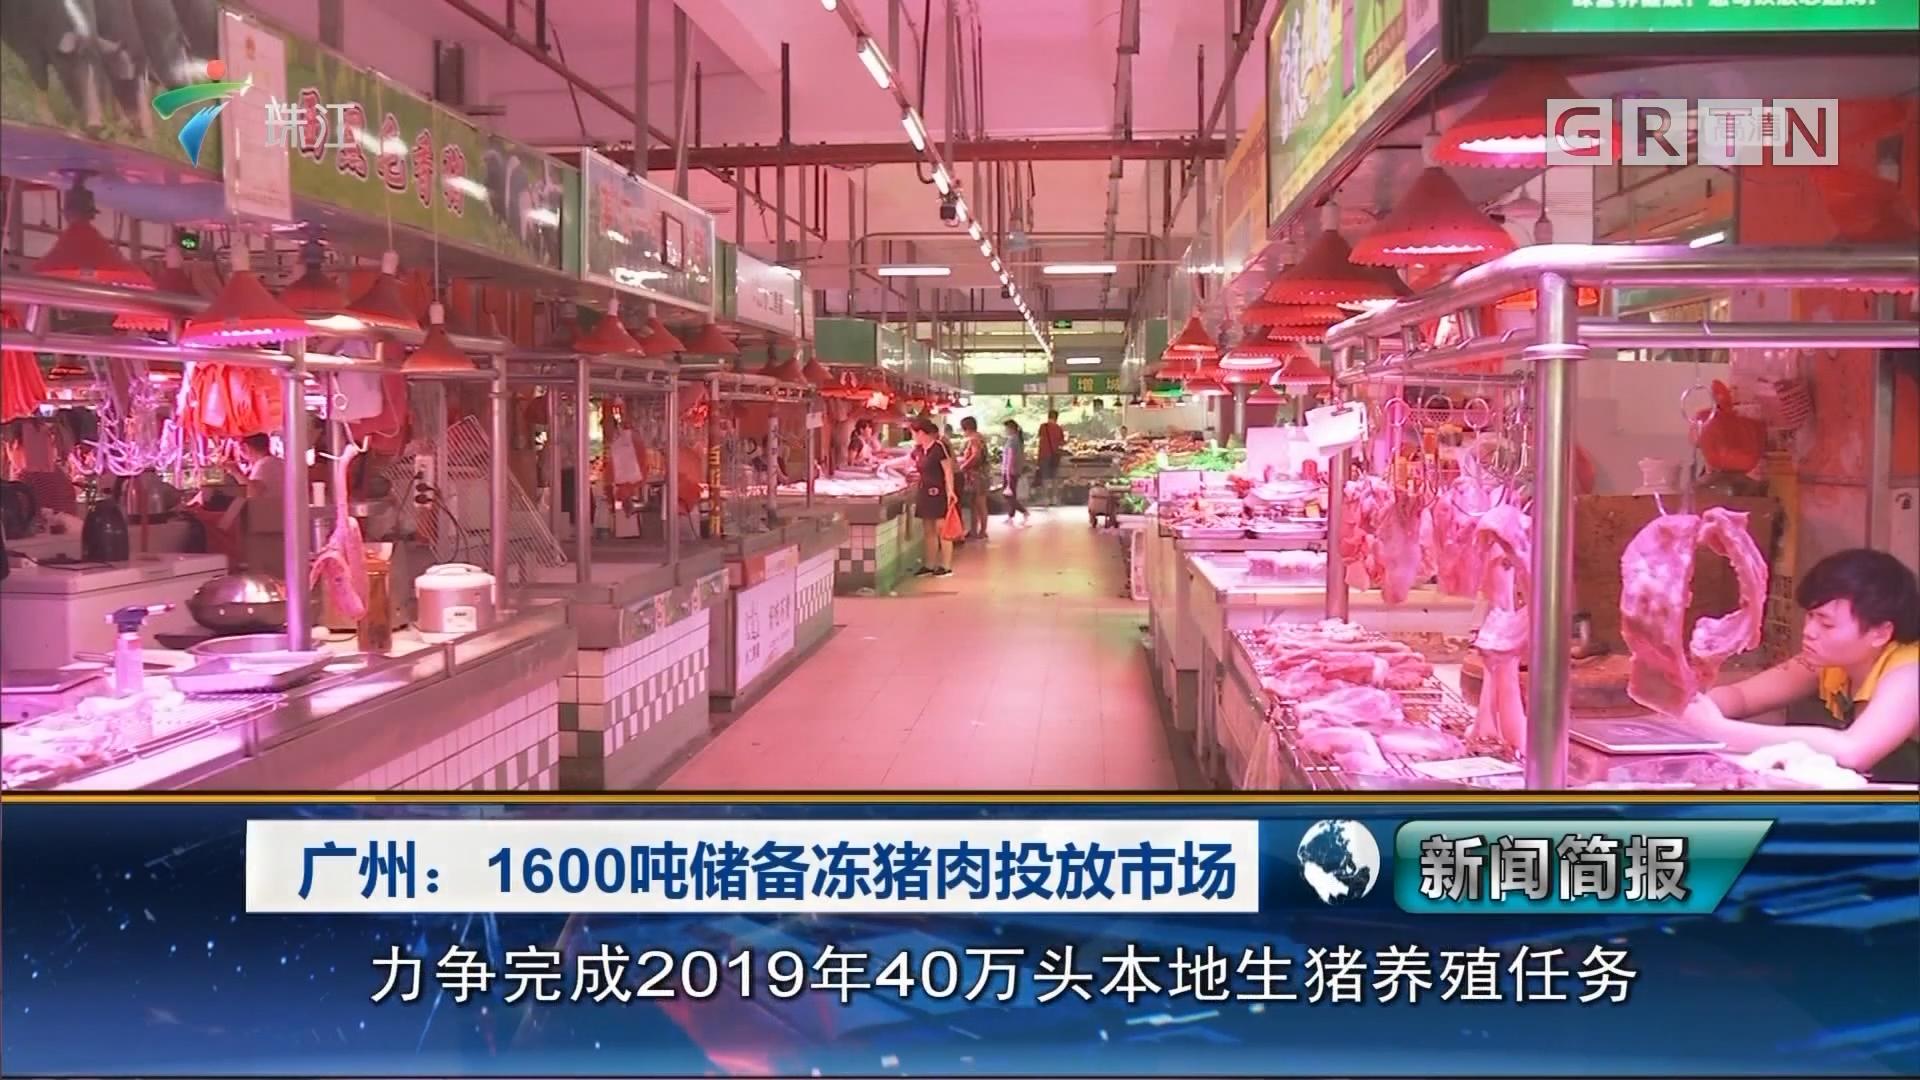 广州:1600吨储备冻猪肉投放市场